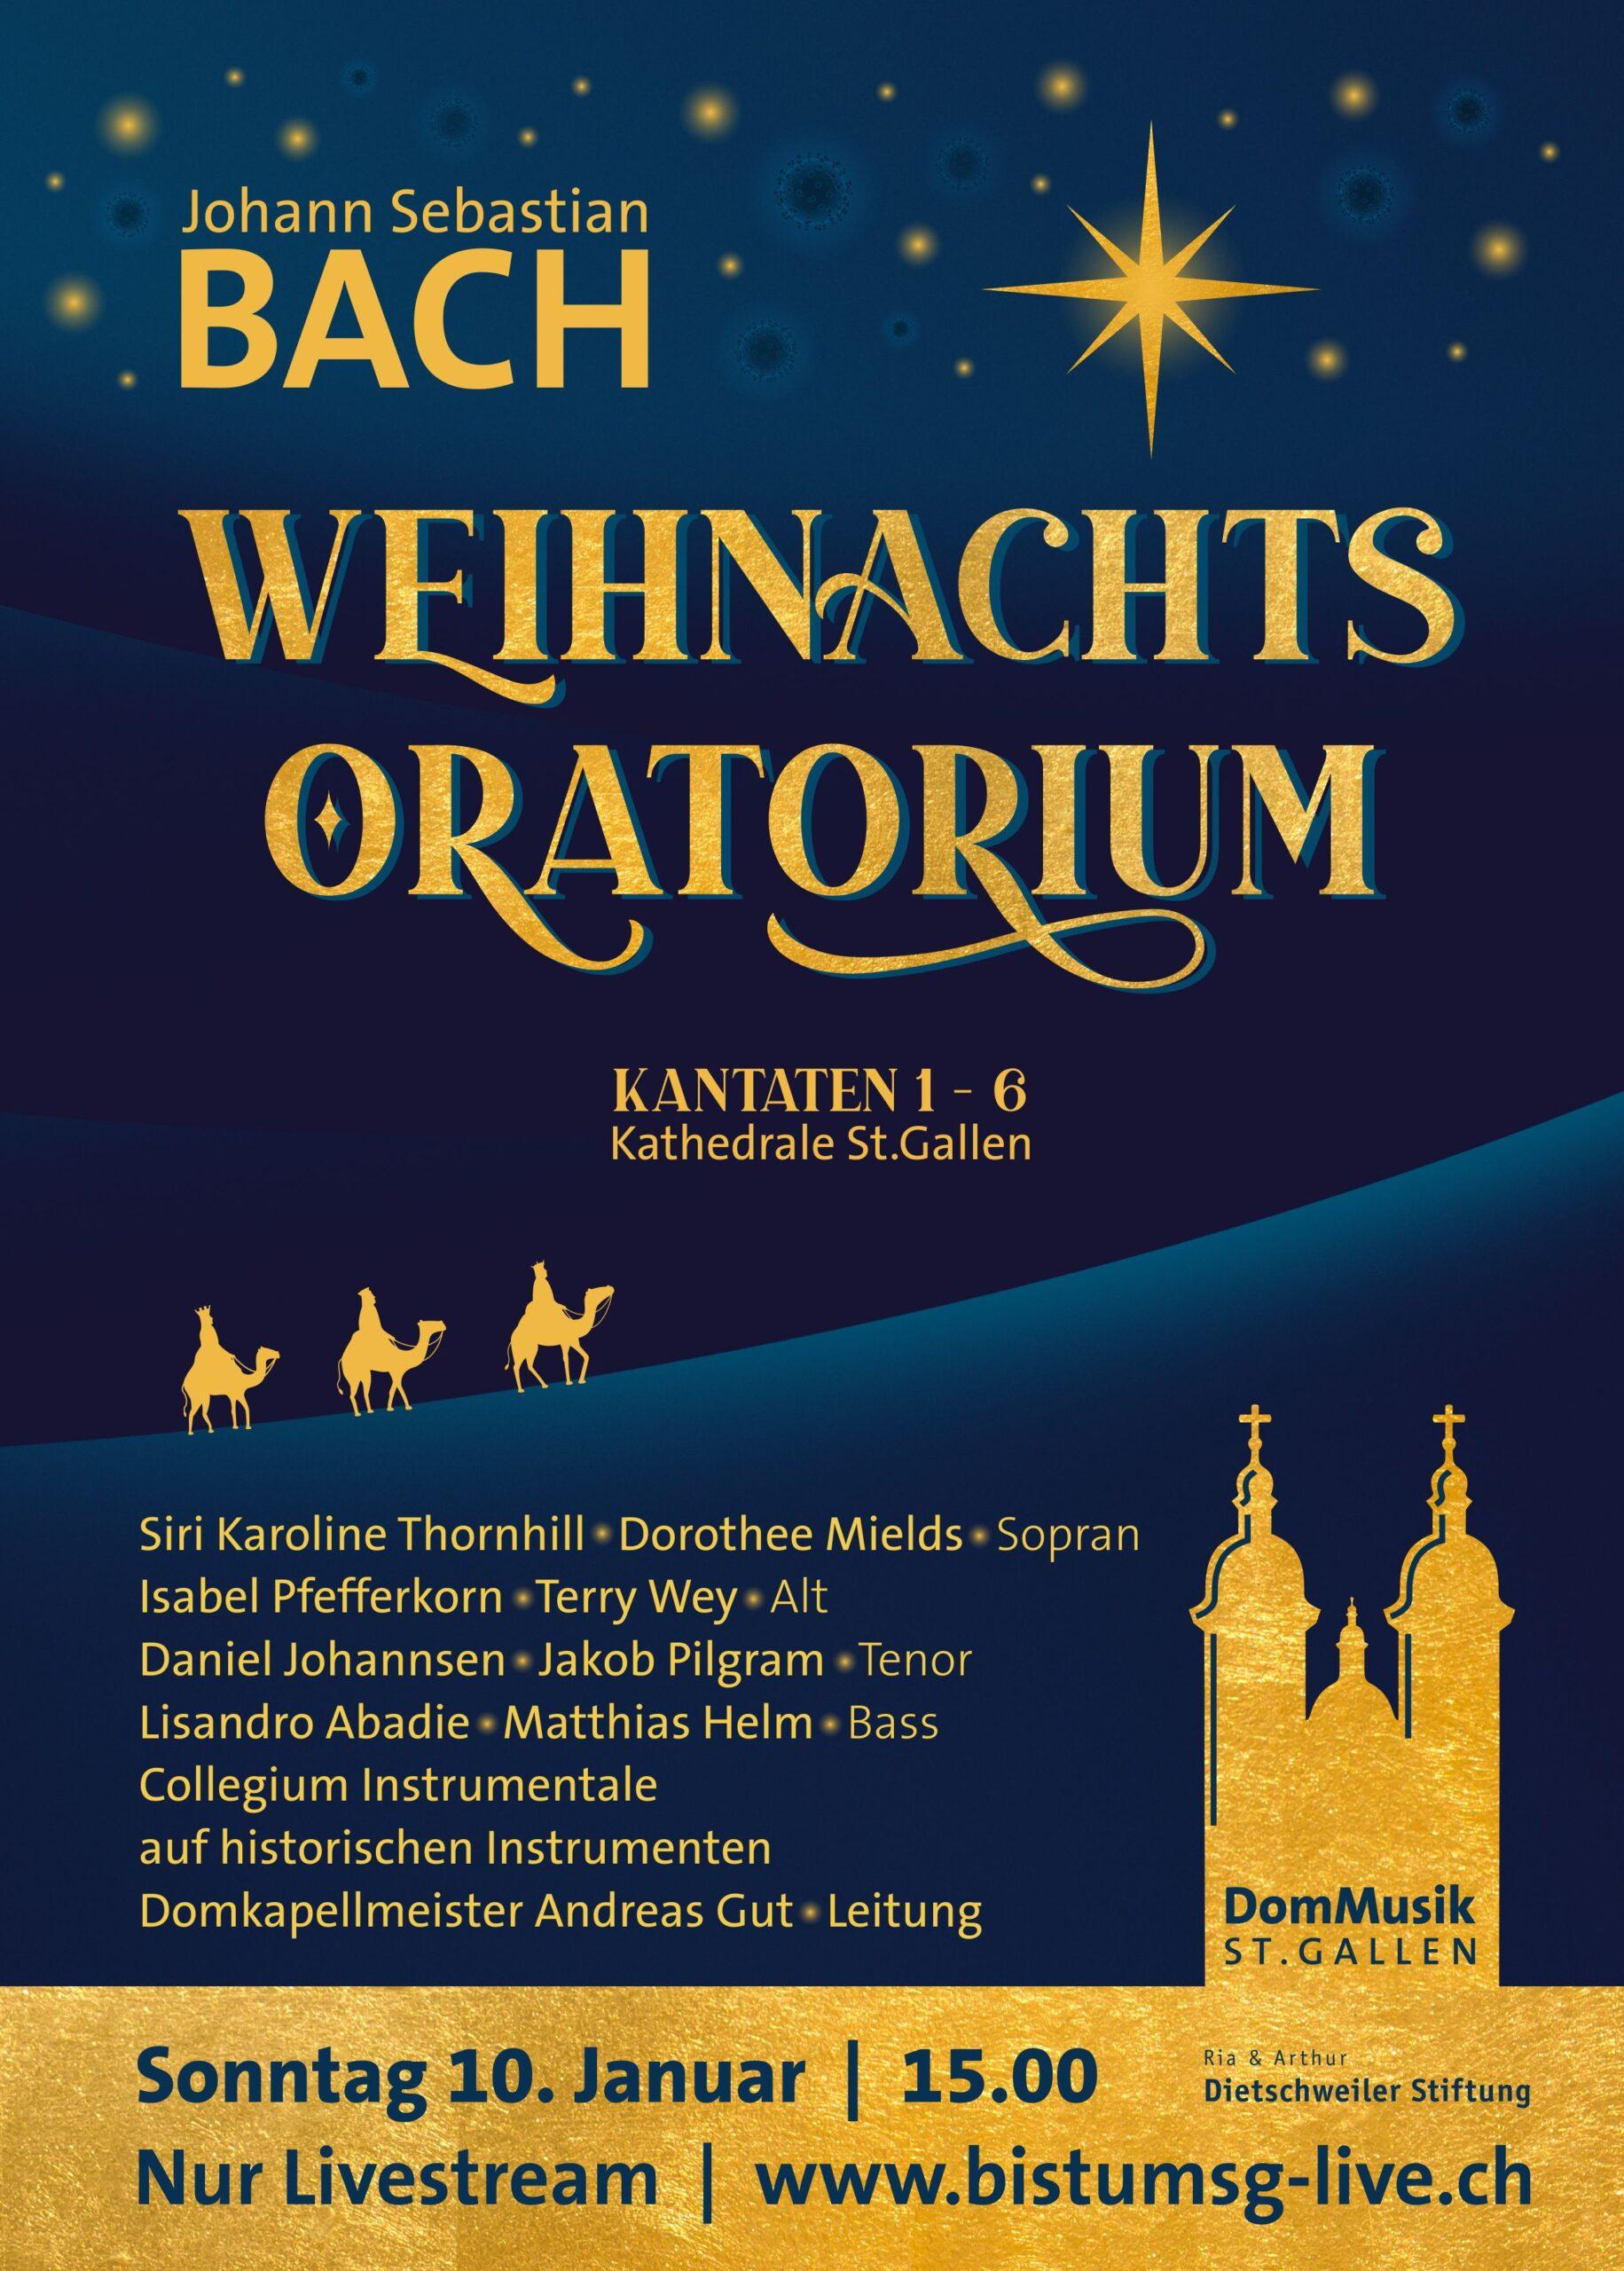 Weihn-oratorium